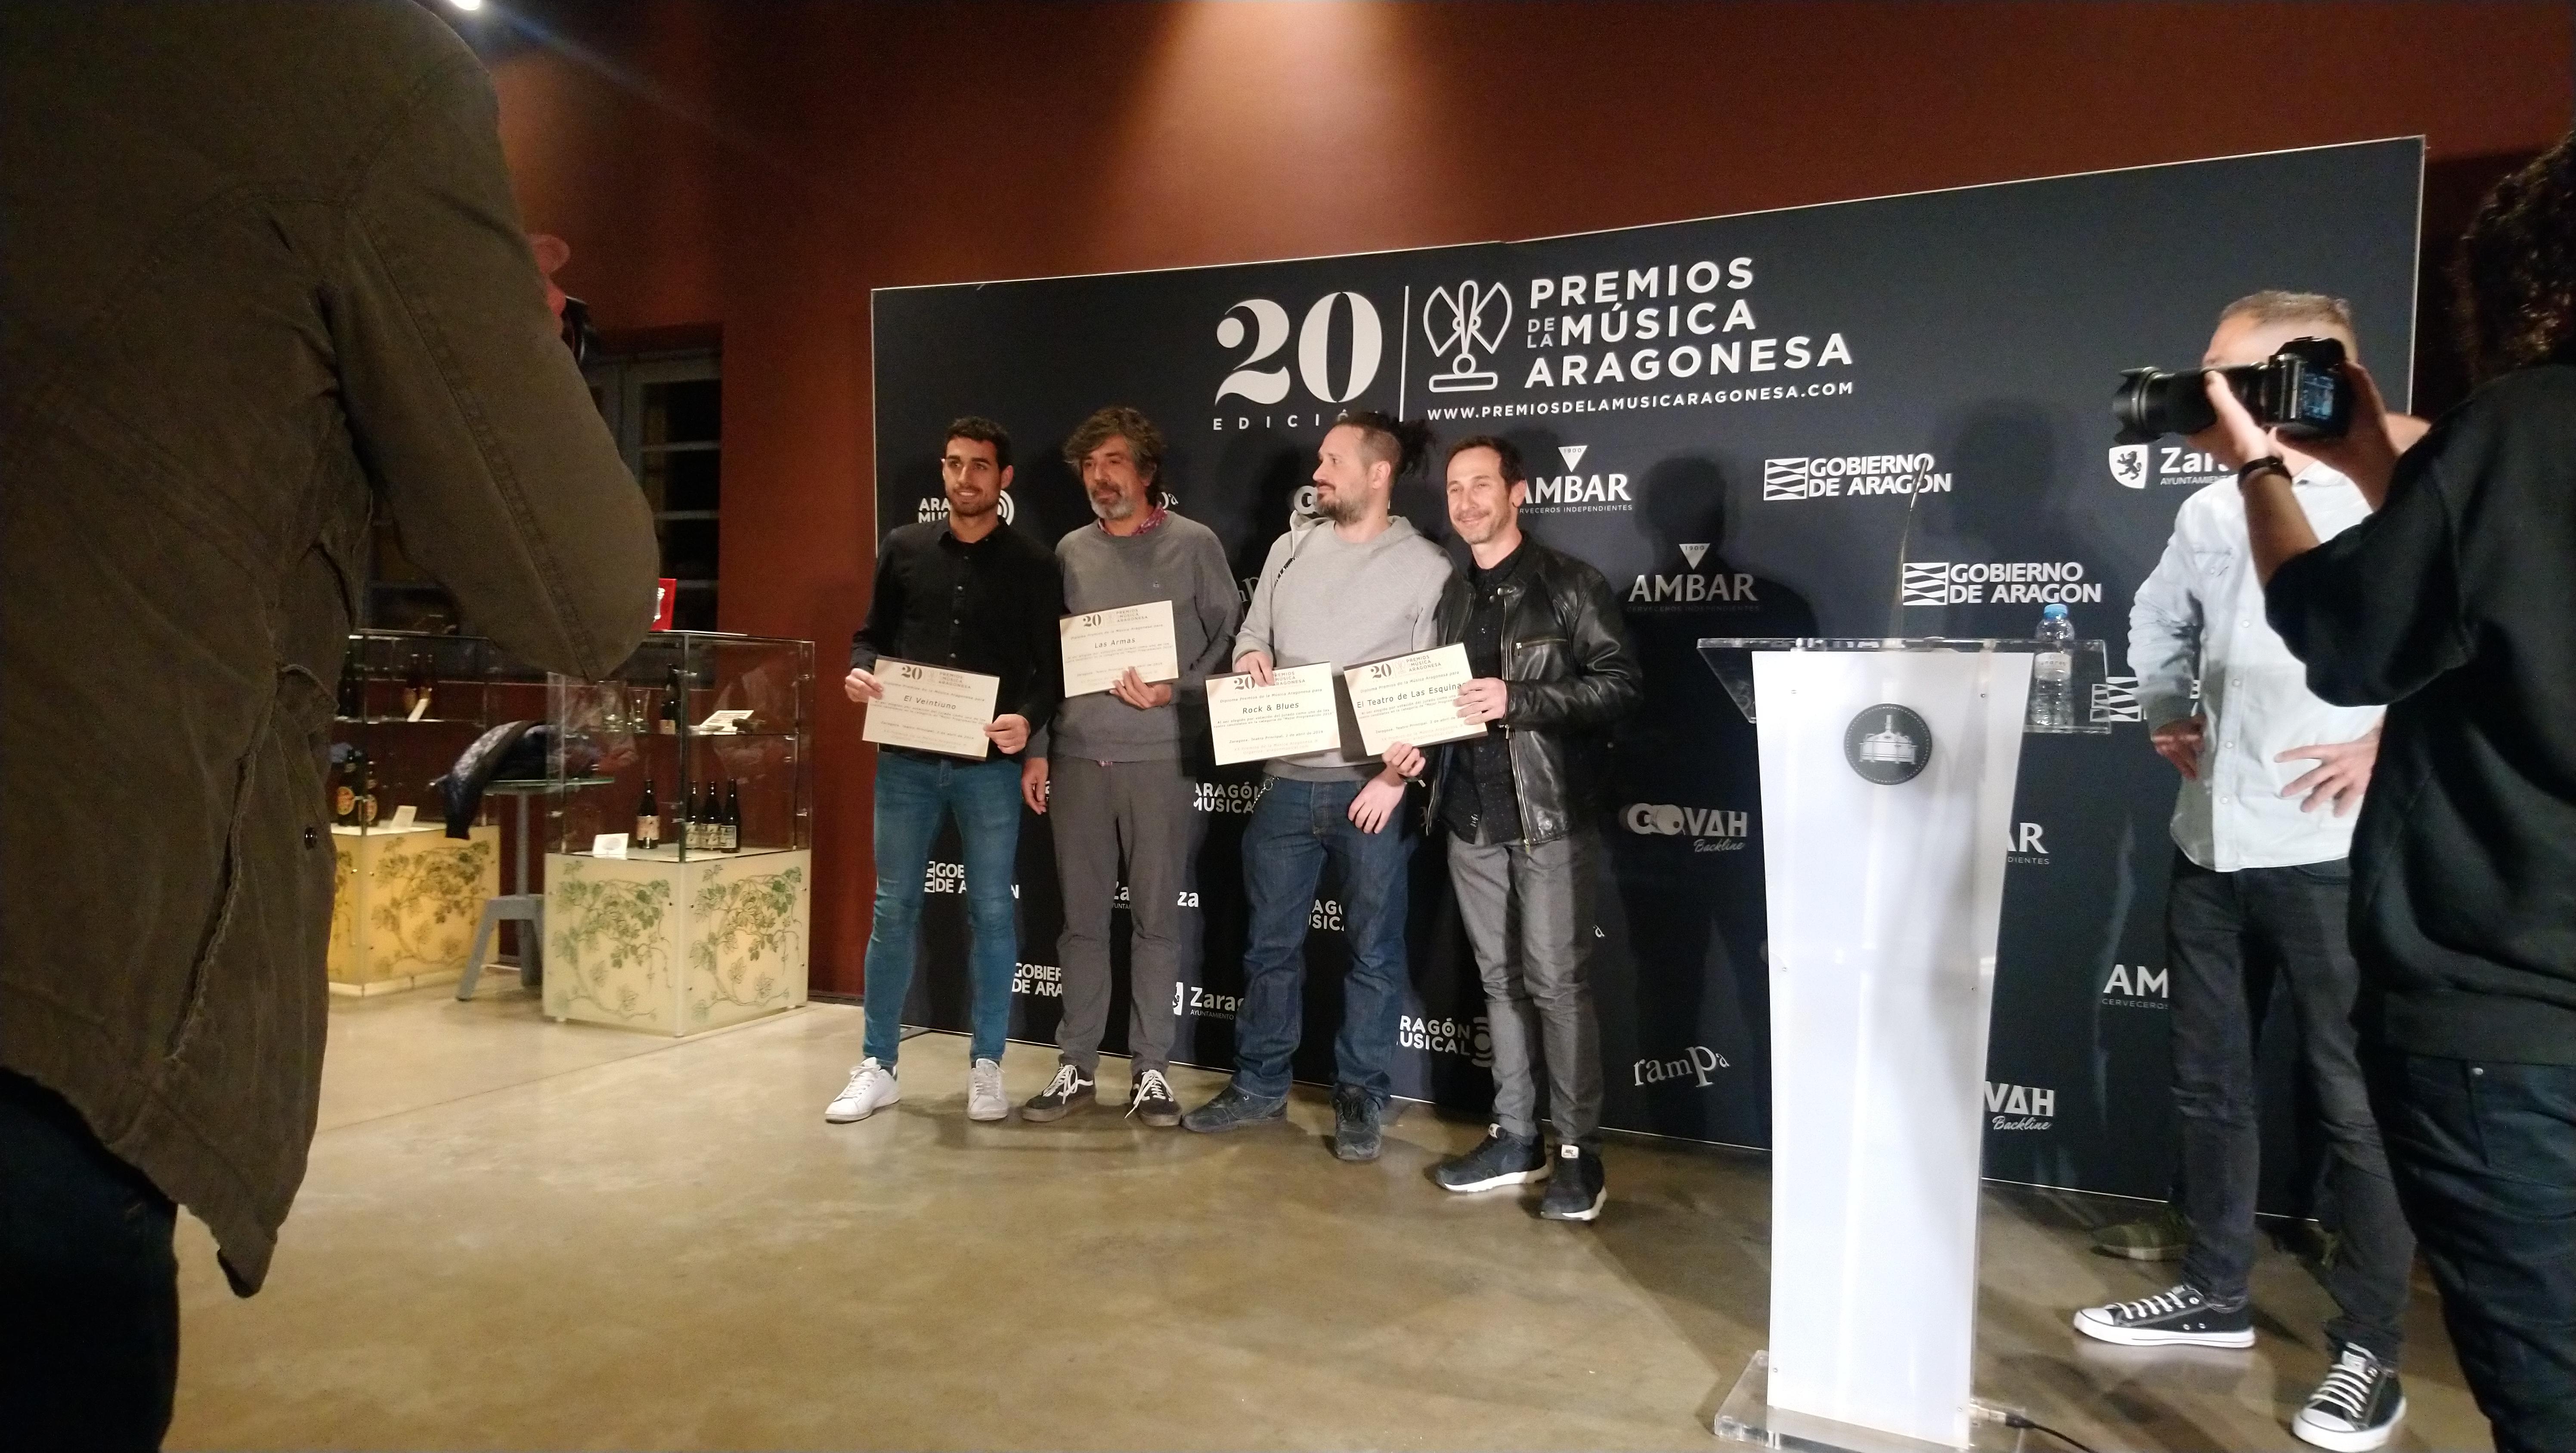 XX Premios de la Música Aragonesa. Nominados a Mejor Programación.